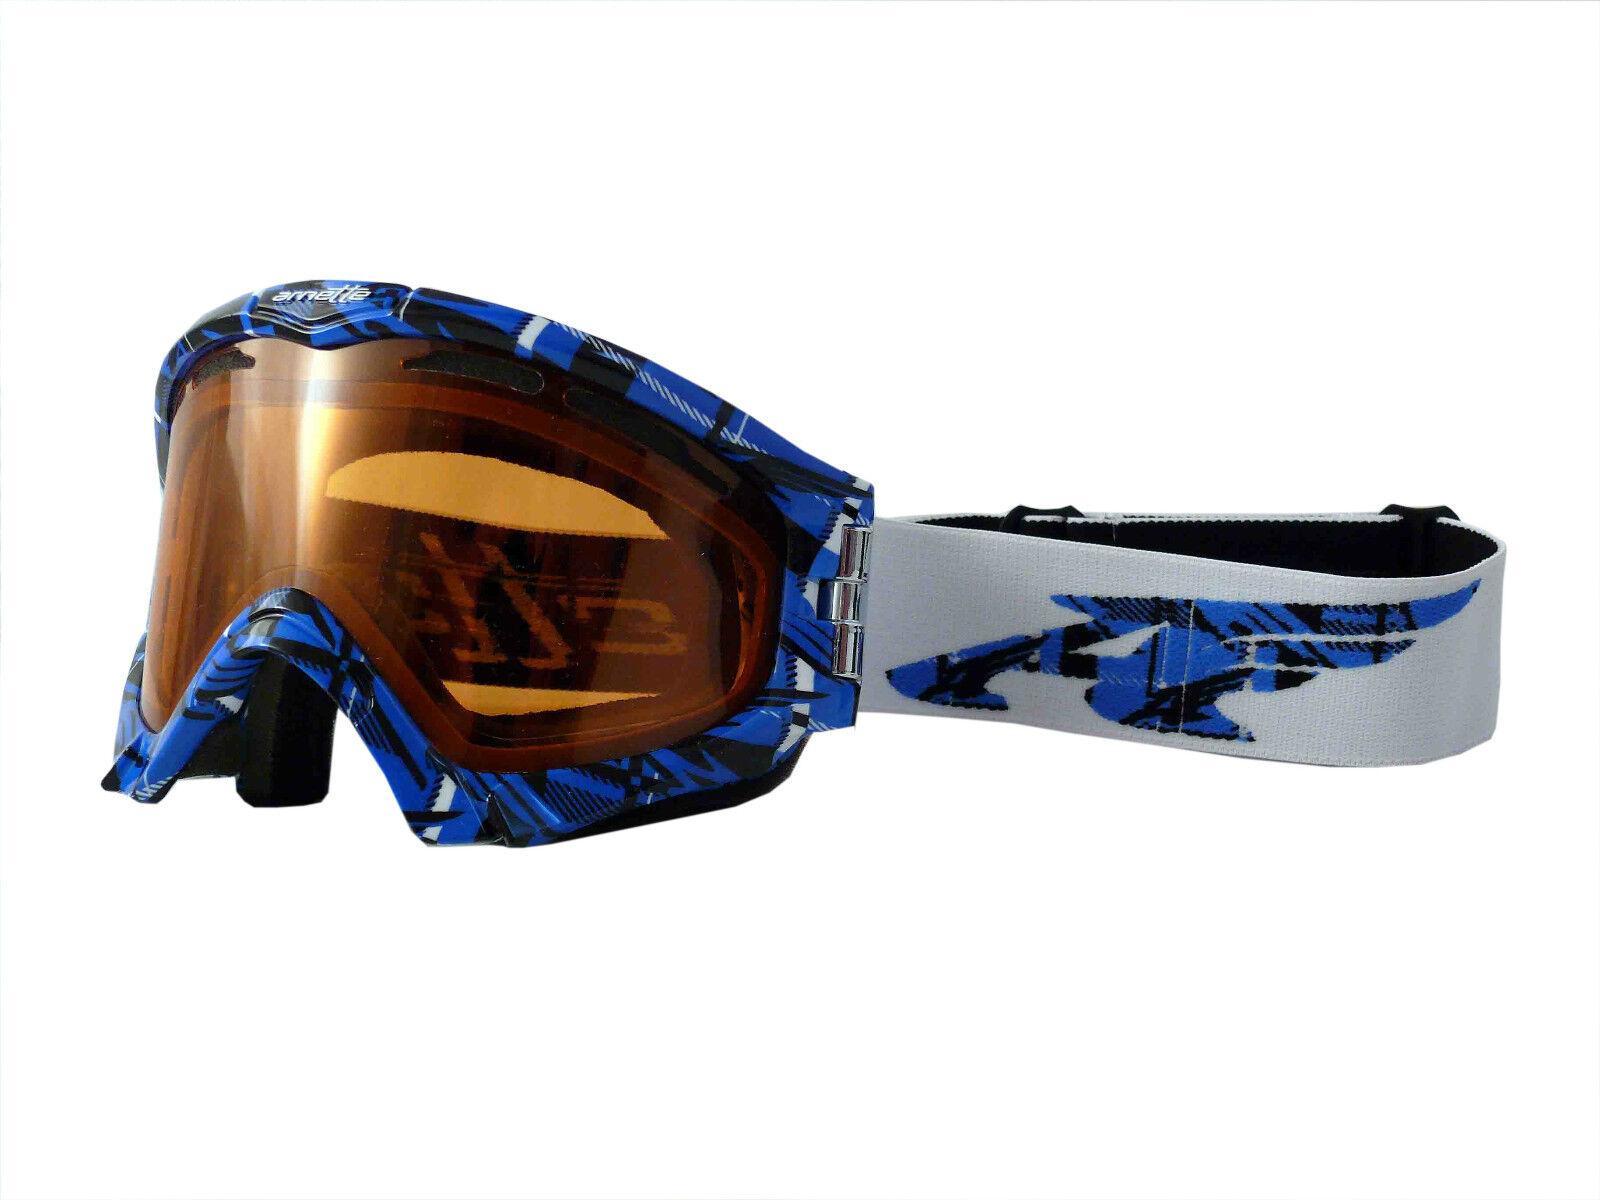 ARNETTE SERIES 3 SNOW GOGGLES AN5001 Blau PLAID FRAME PERSIMMON LENS NEW